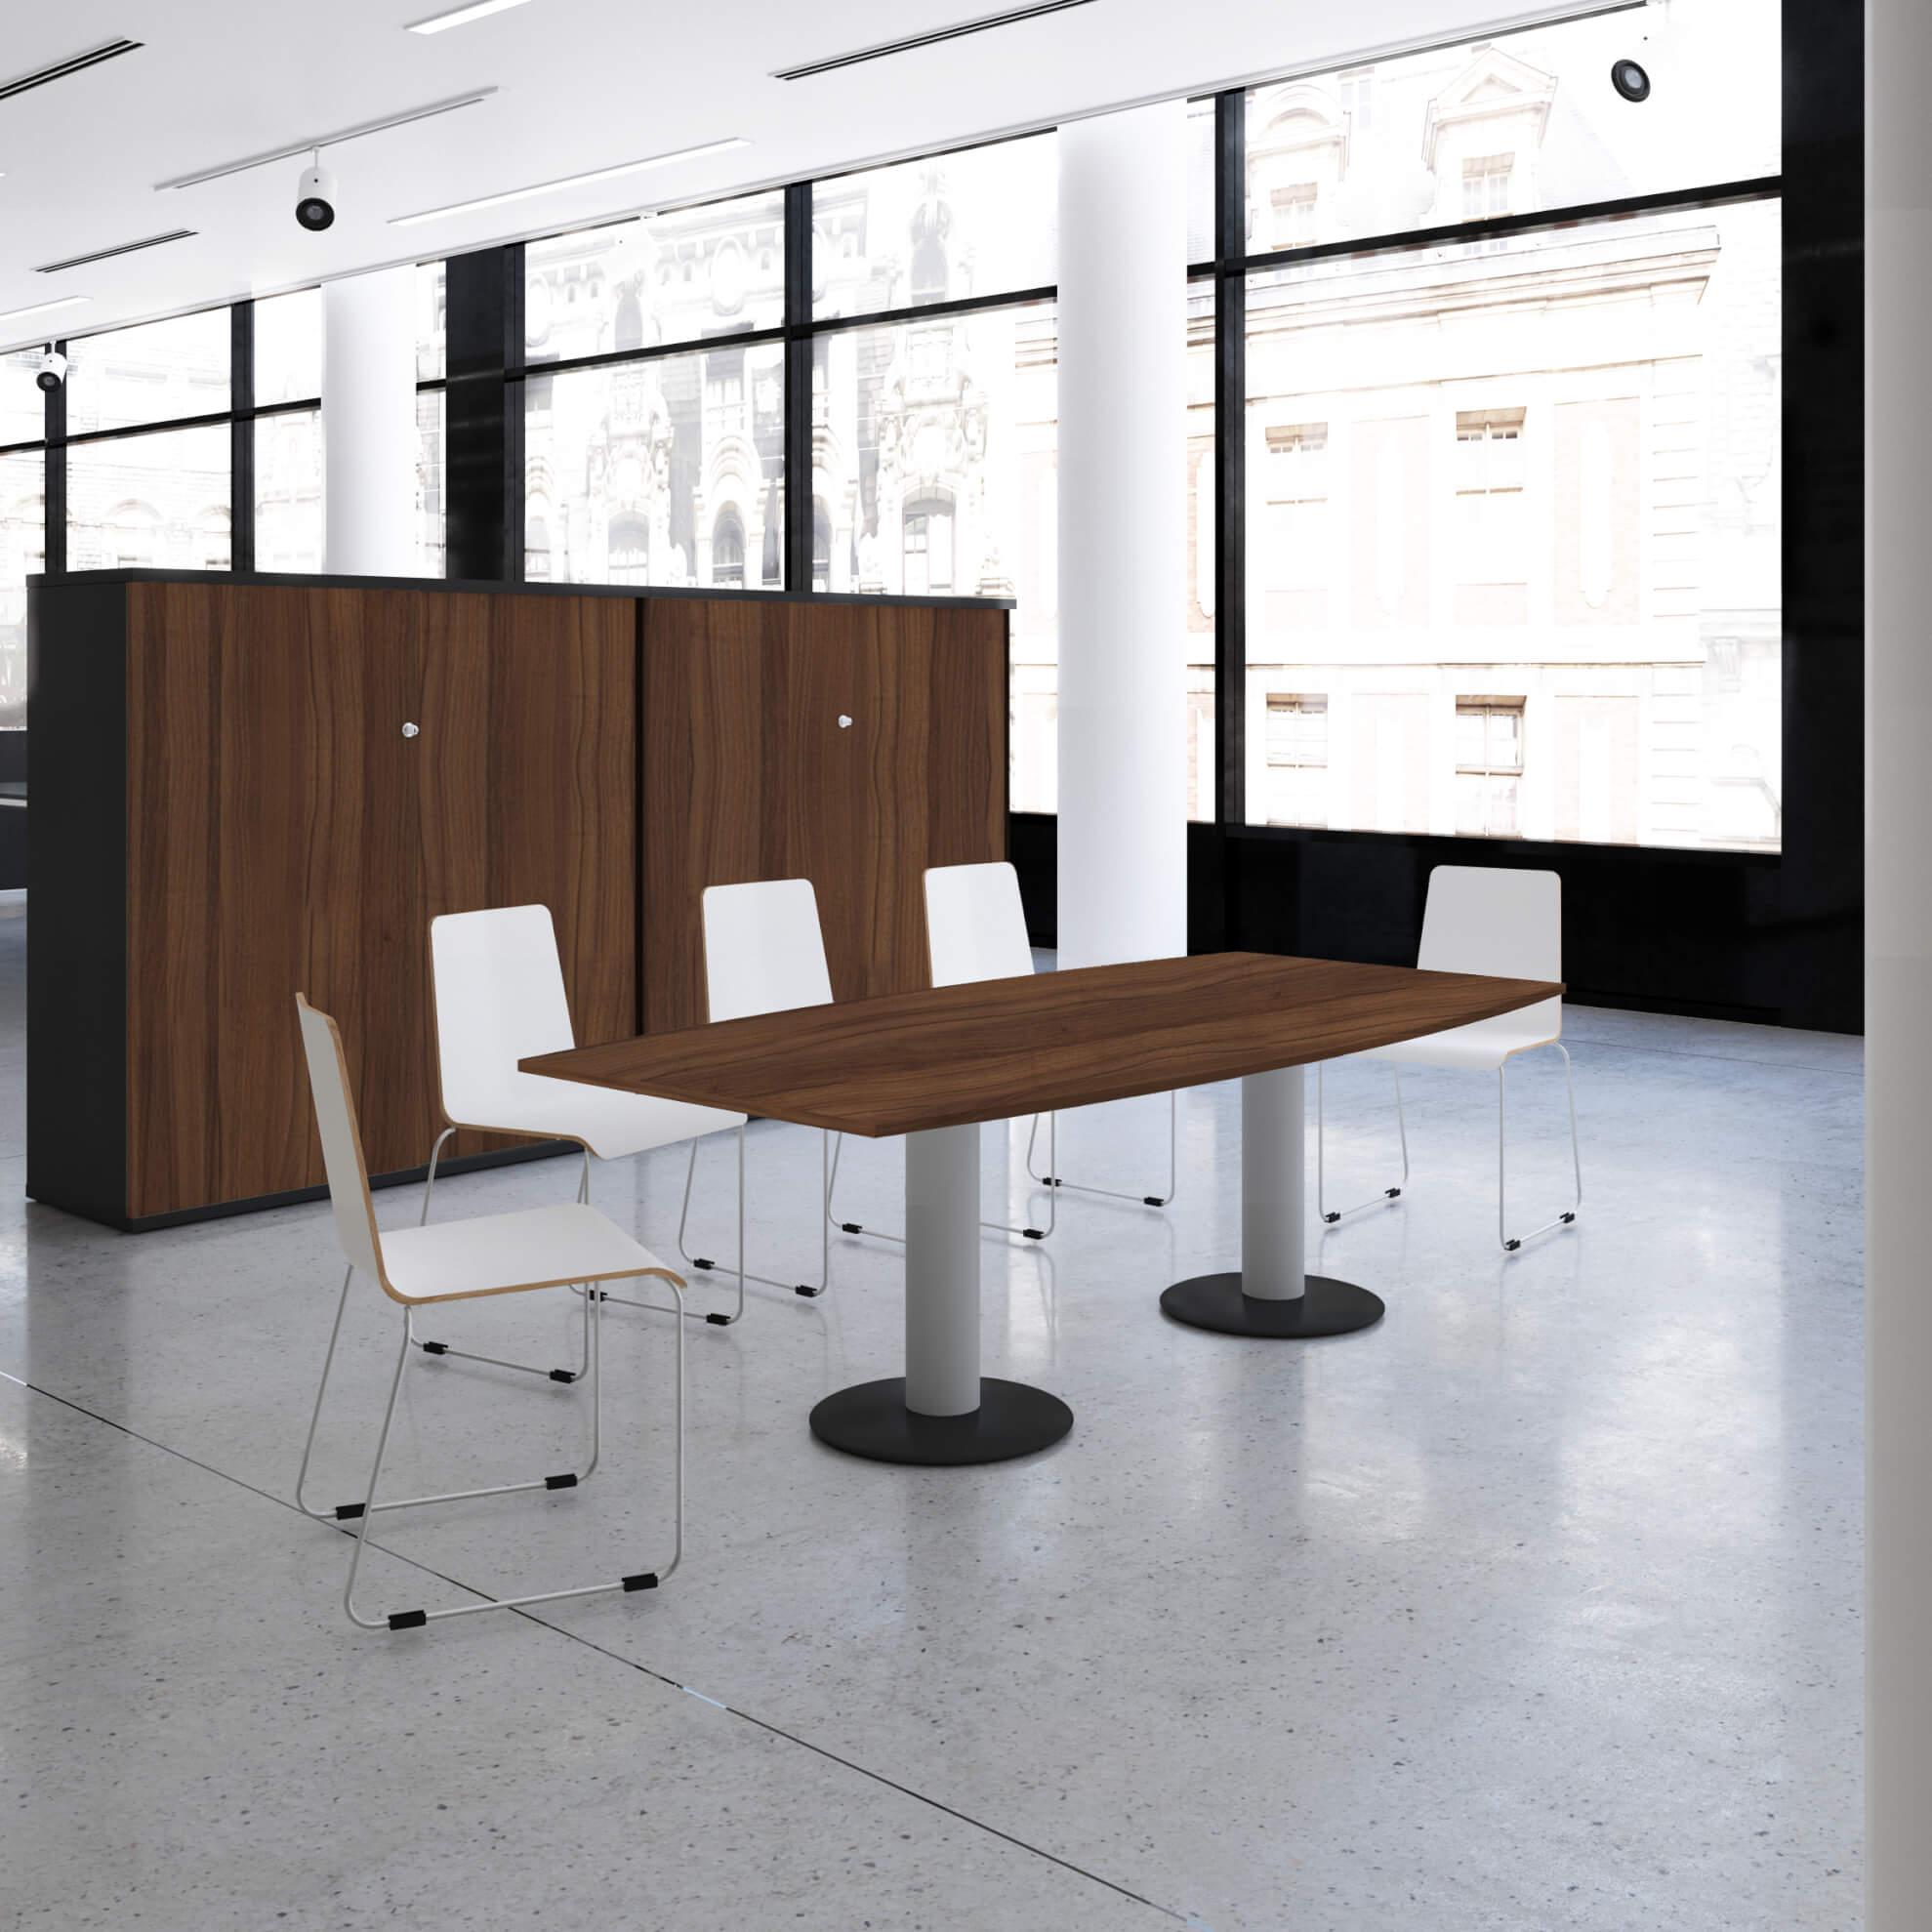 OPTIMA Konferenztisch Bootsform 200x100 cm Besprechungstisch Nussbaum Tisch Esstisch Küchentisch